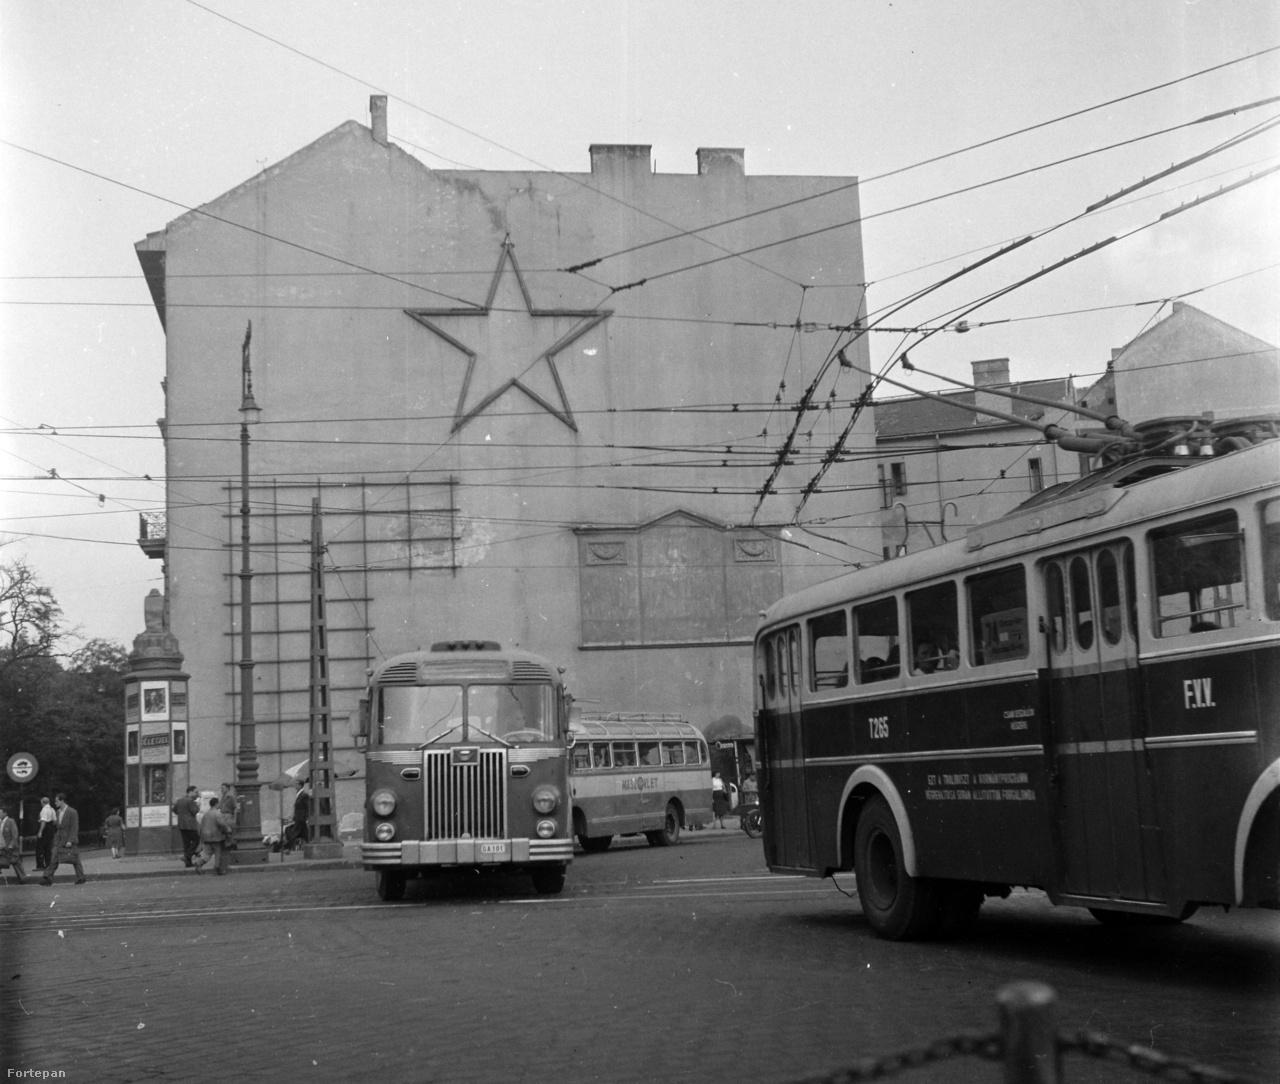 """Hetényi Zsuzsa egyetemi tanár, műfordító: ÉletjelA Fortepan remek böngészési módja egy év átlapozása.1954: még golyónyomok, hiányzó tetők és hidak, szürkeség és rend, sok foghíjtelek.Ezen a Kálvin térin a Magyar-Holland Biztosítótársaságnak az ostrom végén eltűnt épületében a később eltűnt Raoul Wallenberg irodája működött száznál több emberrel.A kép csupa rejtvény.Az üres falon emeletnyi magasan kő triptichon, talán díszterem-maradvány.Baloldalt magasra kúszó lécrács – minek?                         Közöttük, de nem középen vas vörös csillag uralkodik.A mából úgy látom, hogy a troli vezetékei érvénytelenítik.A régi járműcsoda rendszámán múltba veszett utópia: X-ben GA úr a 101-es számot kapta.                         Hátul igazi reptéri busz, a Magyar–Szovjet Polgári Légiforgalmi Részvénytársaságé.""""Ezt a trolit …. állította forgalomba"""" – kicsoda?A Múzeum utcába lovas szekérrel behajtani tilos.                         A hirdetőoszlopon filmreklám."""